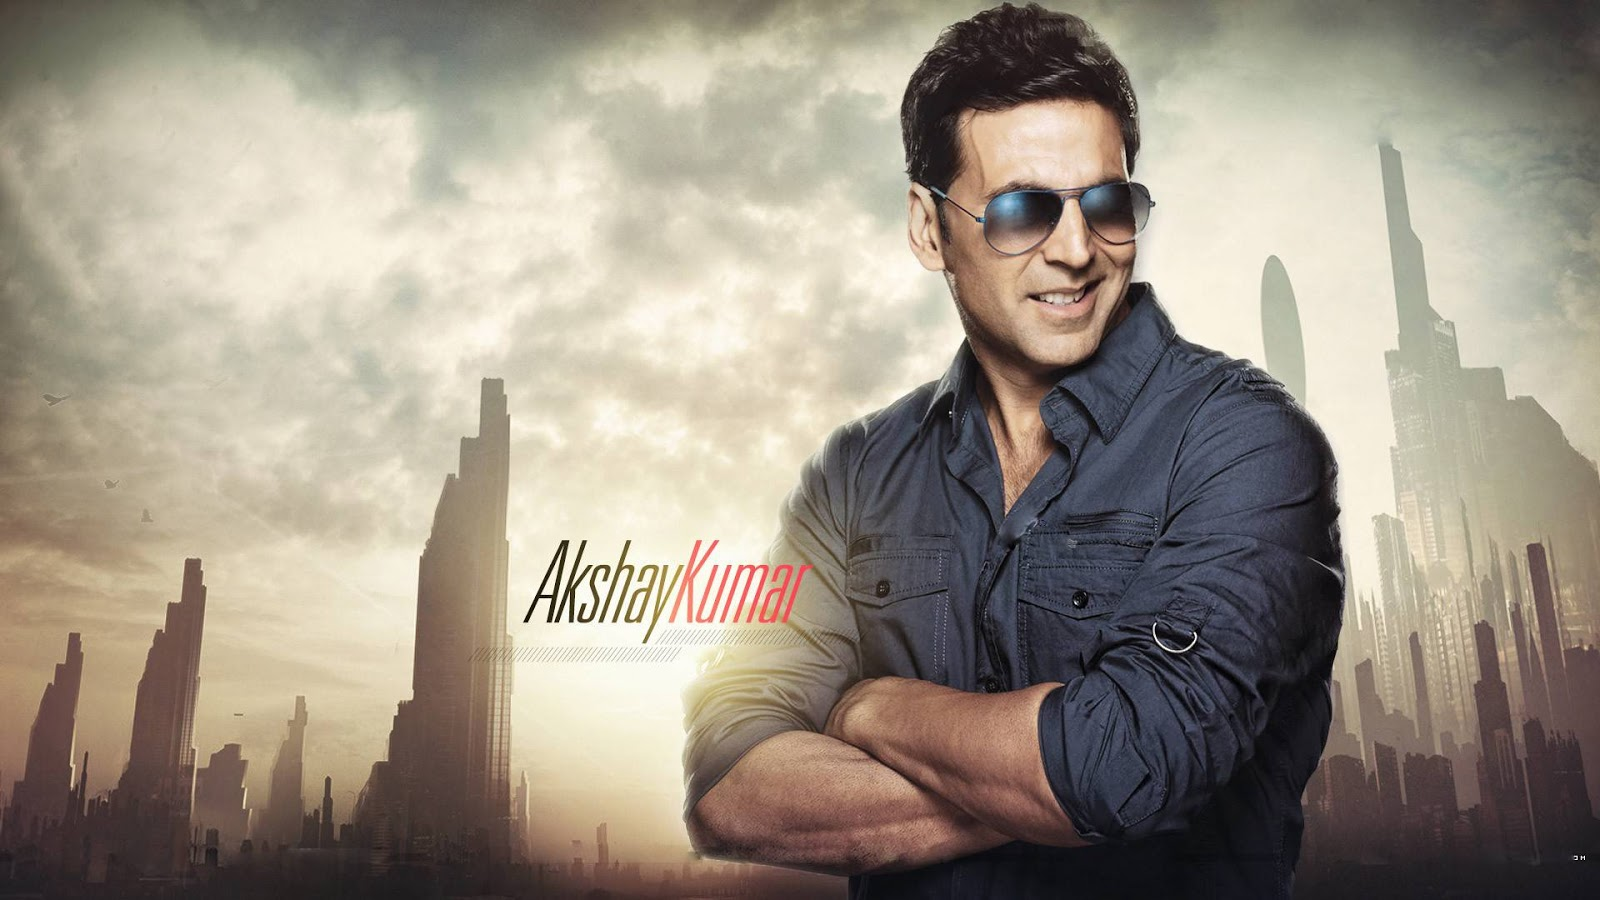 Akshay kumar hd photos Sunny Leone HD Wallpapers Sunny Leones Photo Full Size